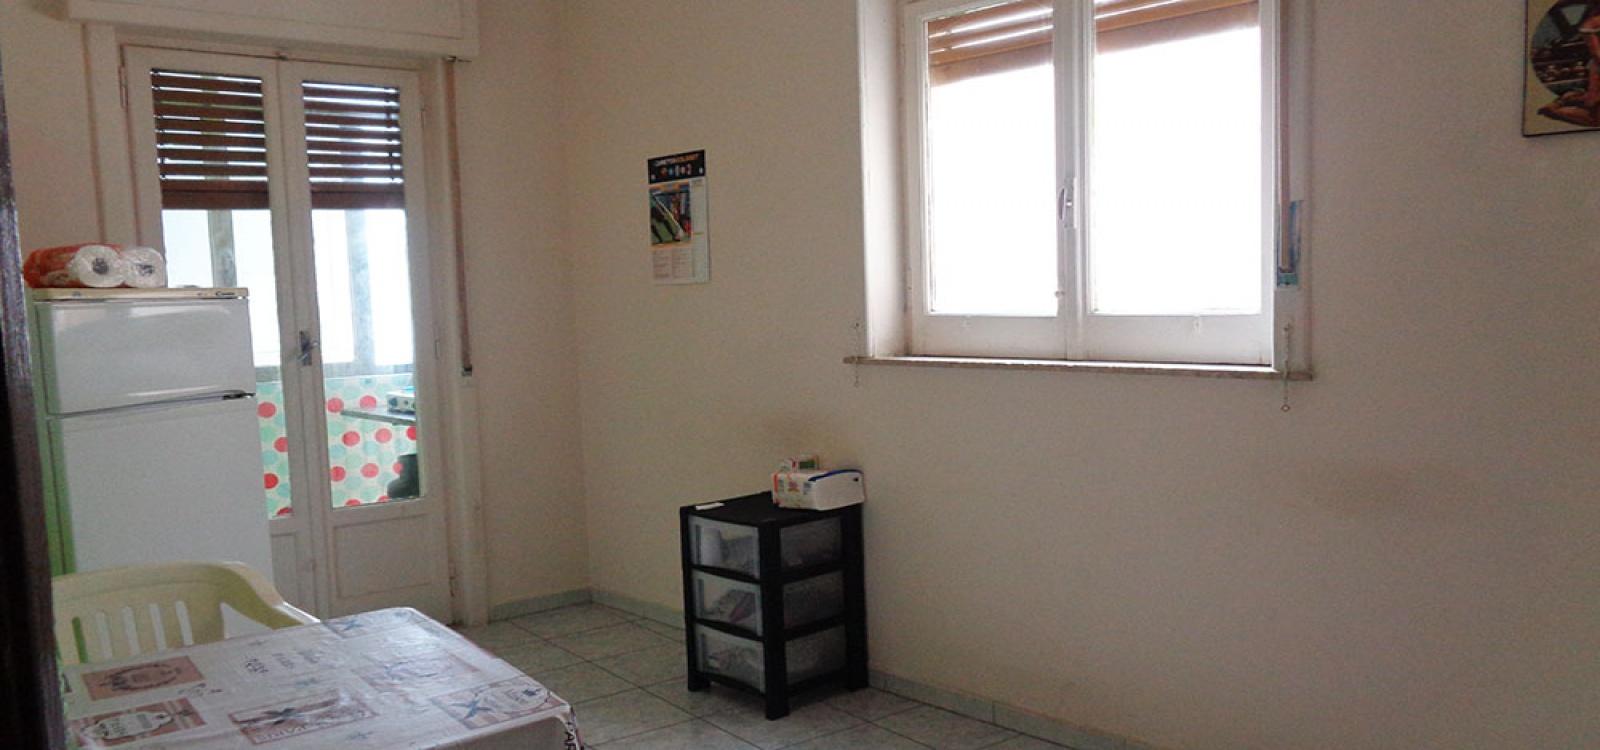 VL ZECCHINO,SIRACUSA,Appartamento,VL ZECCHINO,2143